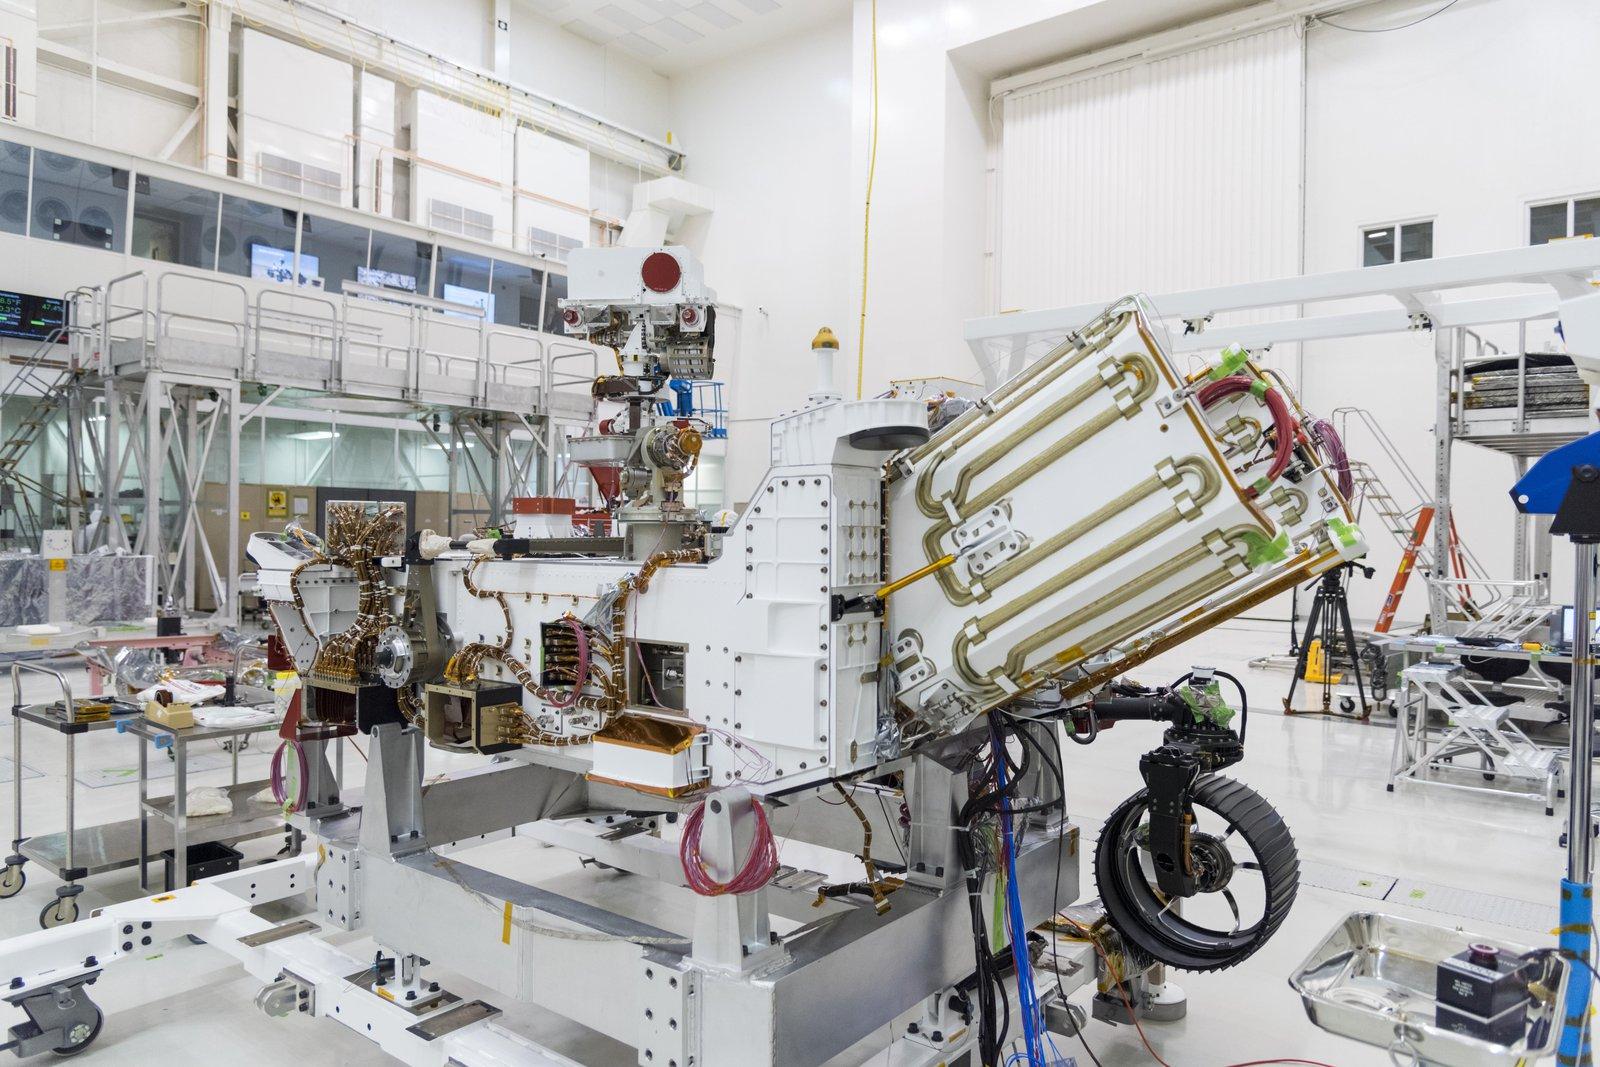 Le rover Perseverance de la NASA pendant les préparatifs du lancement, avec un espace pour la source d'énergie nucléaire du rover exposée.